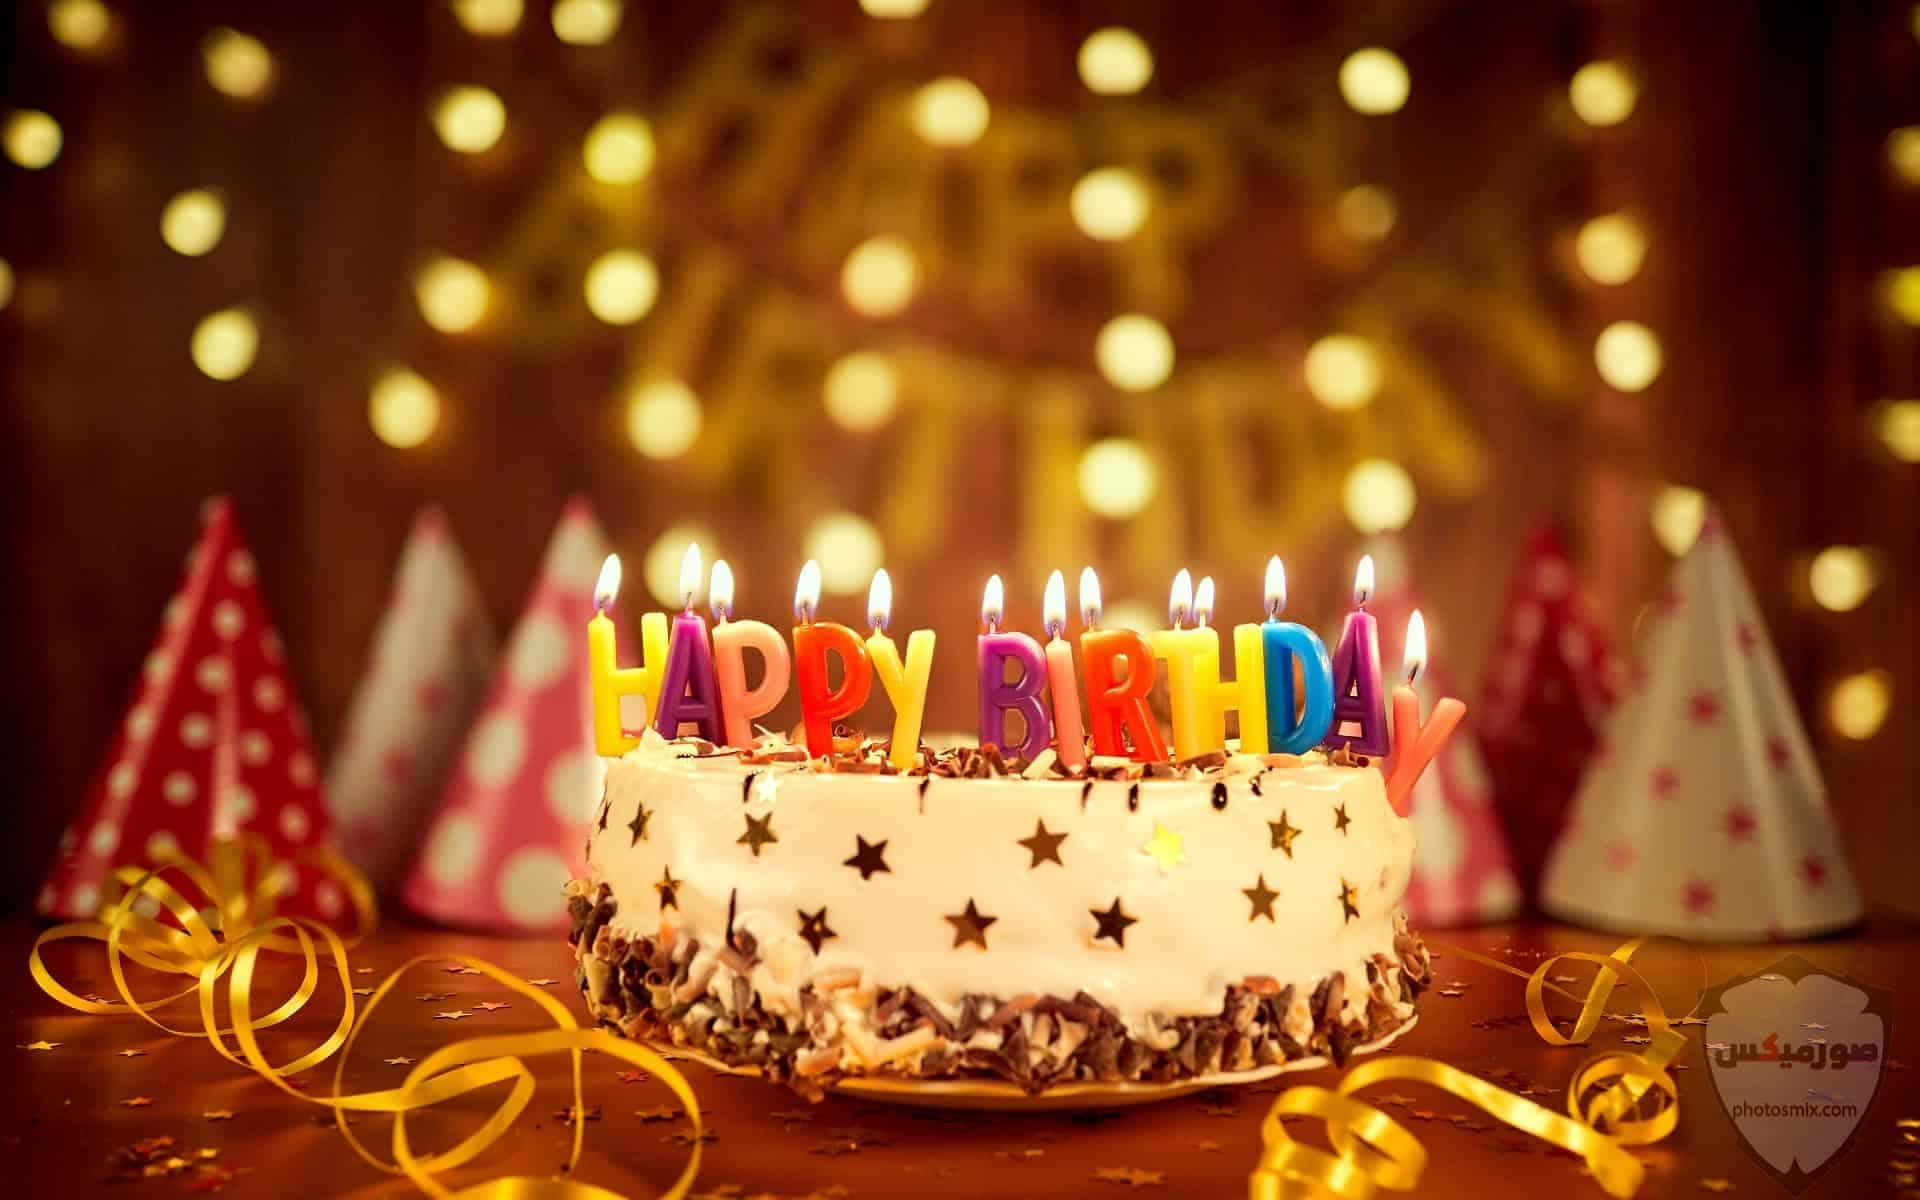 صور اعياد ميلاد صور تورتة اعياد الميلاد صور happy birth day صور تهنئة للفيس بوك 2